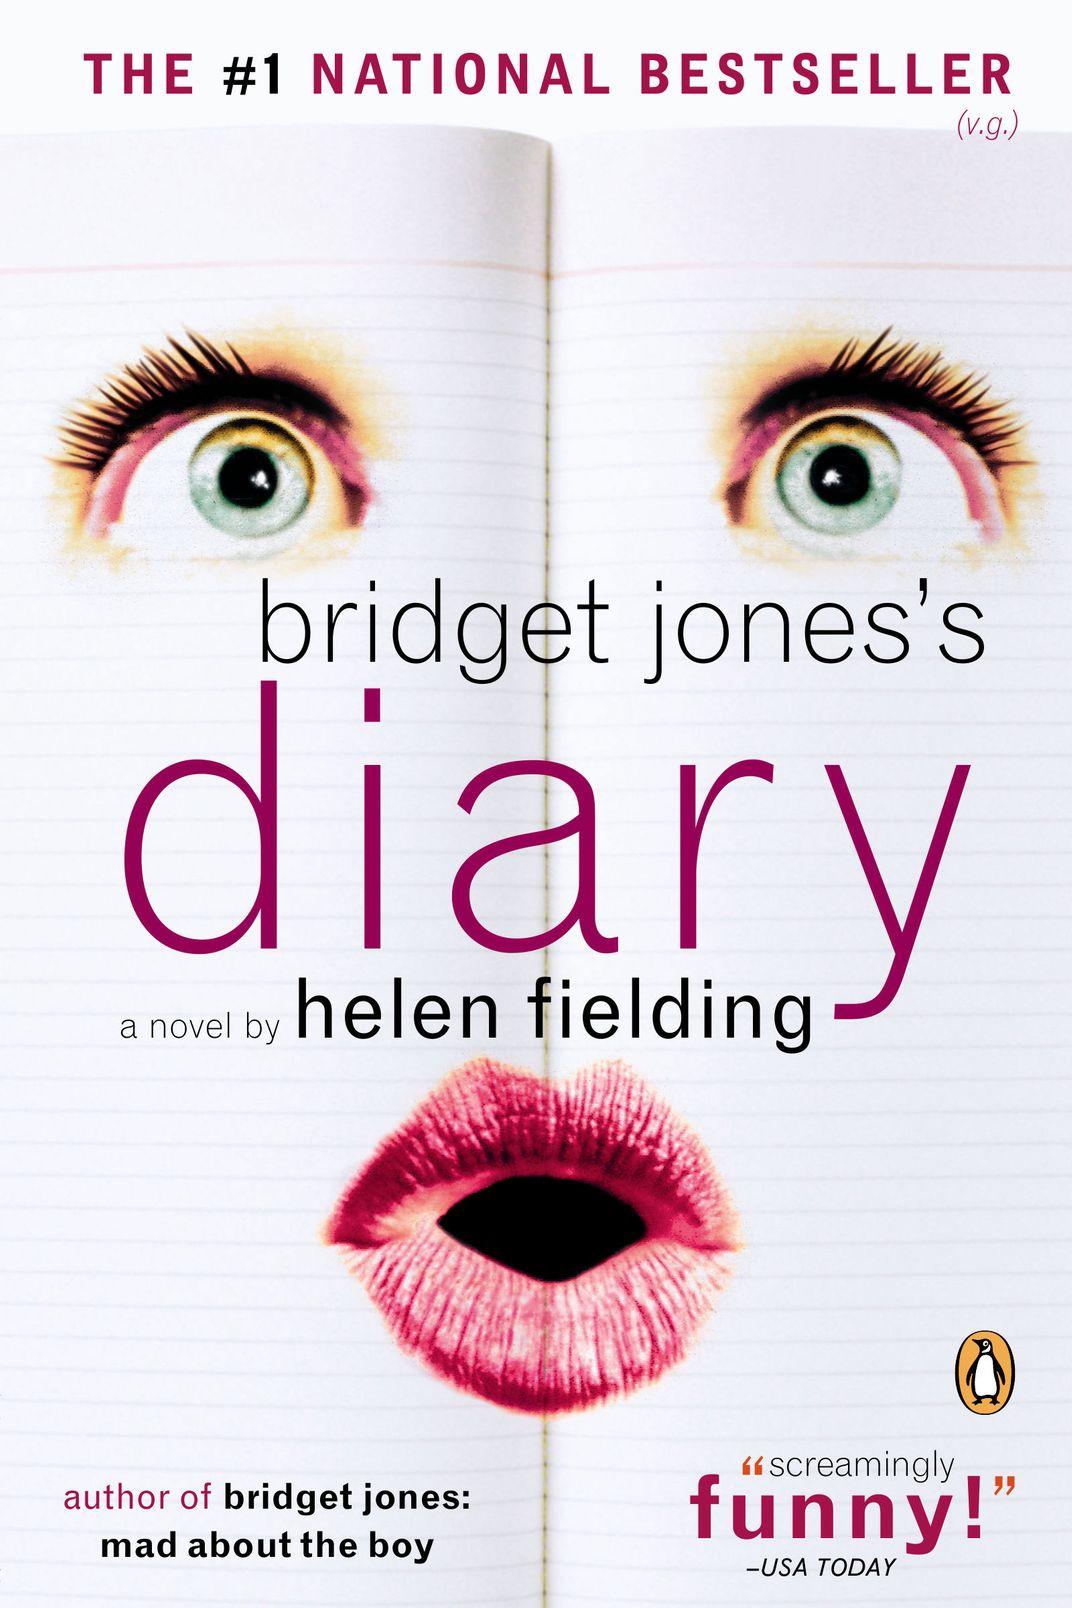 Bridget Jones's Diary, by Helen Fielding